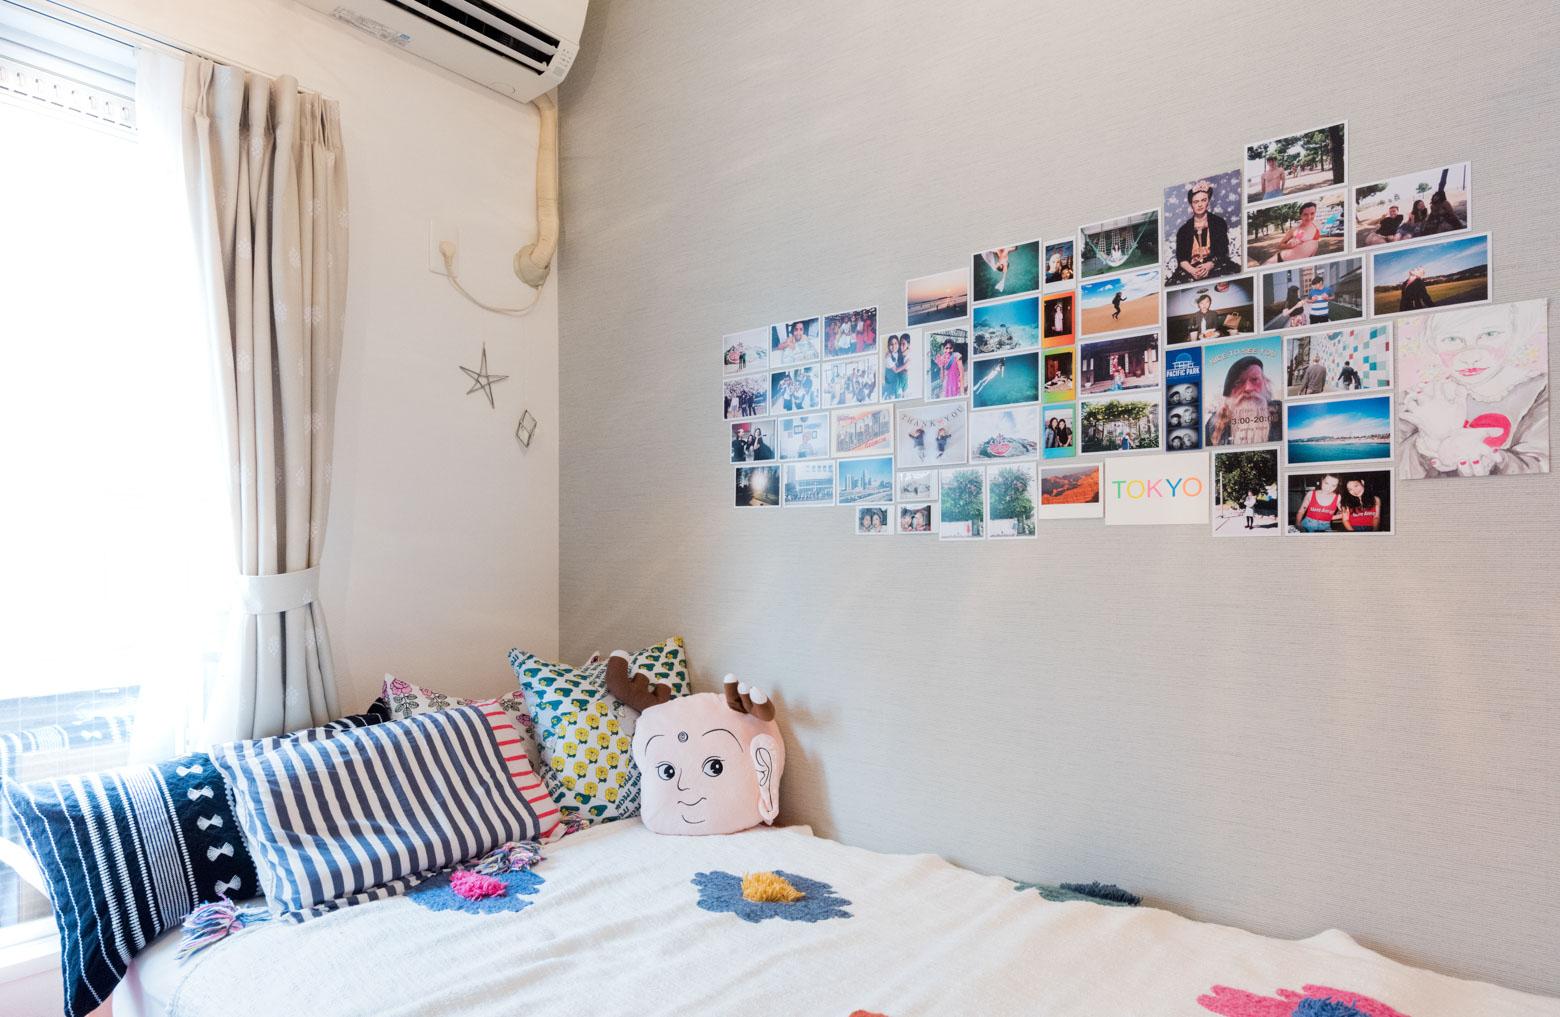 思い出の写真やポストカードを壁に貼って飾っているお部屋(このお部屋はこちら)